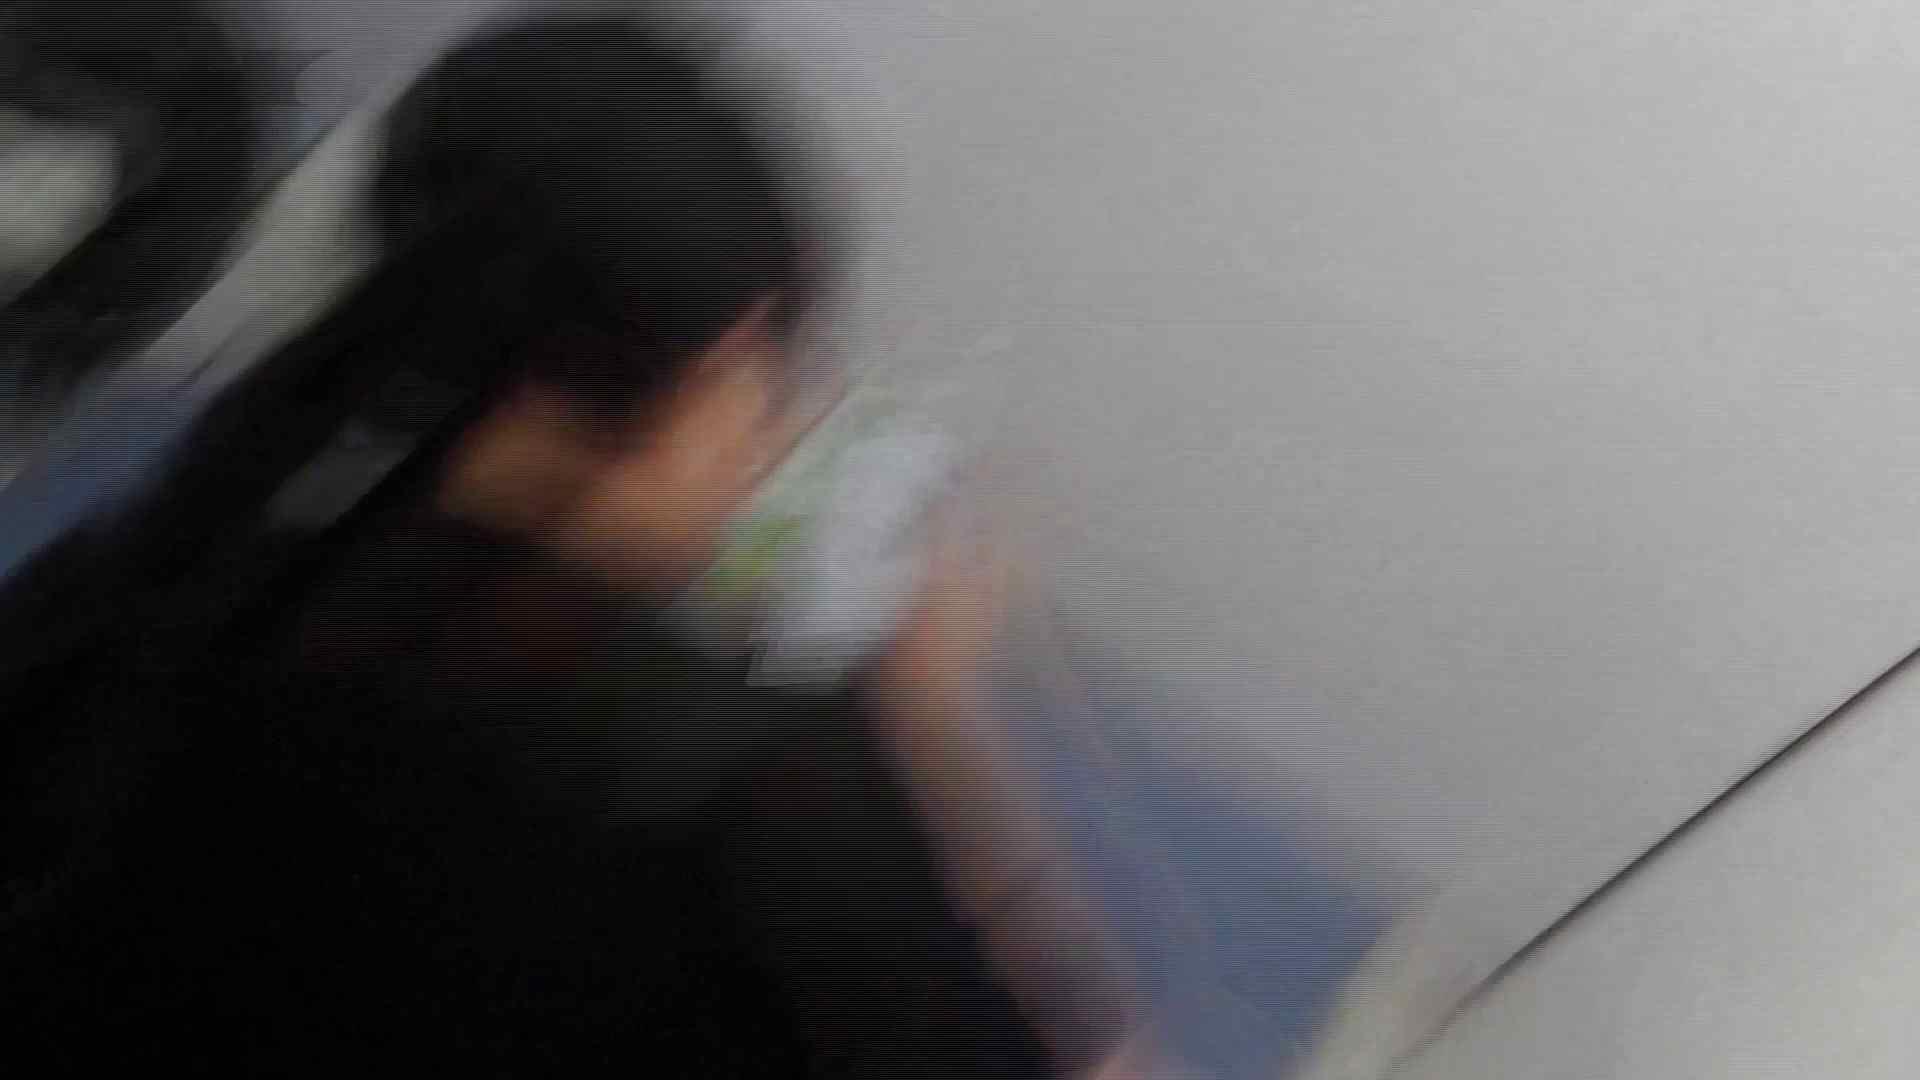 下からノゾム vol.026 ヒクつく肛門に大接近!! 丸見え ヌード画像 50画像 45